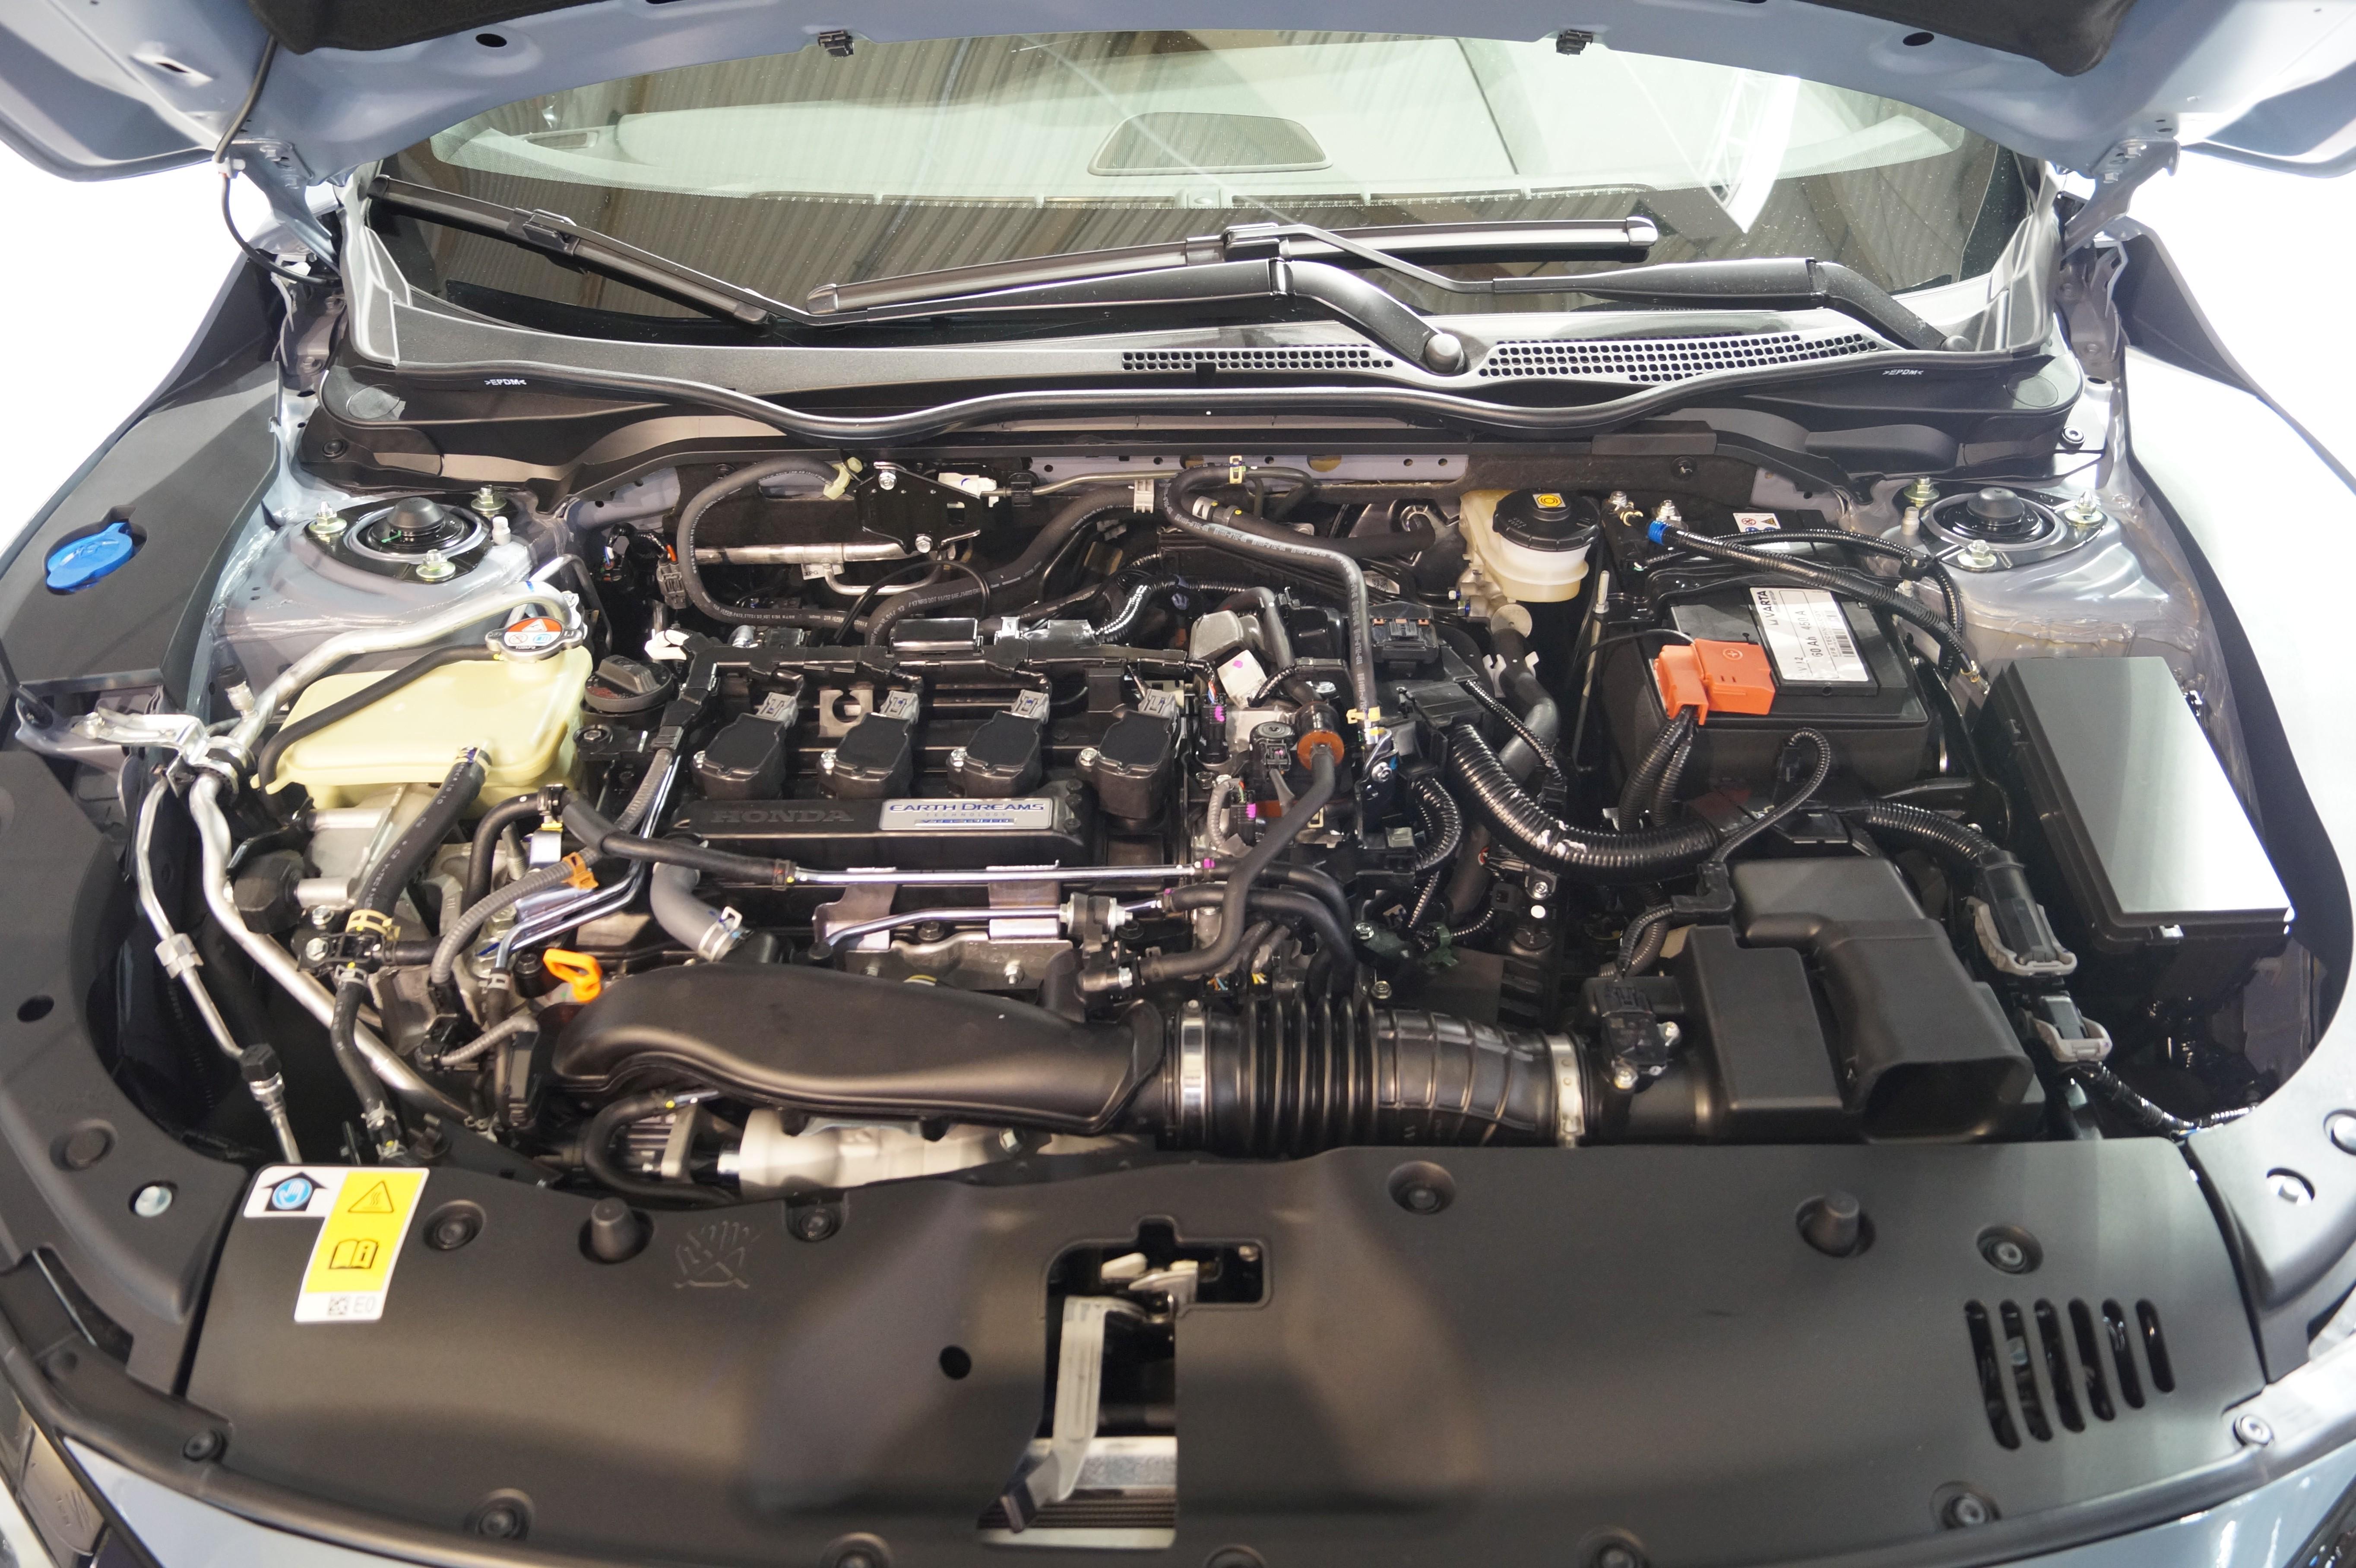 2002 Honda Civic Transmission For User Guide